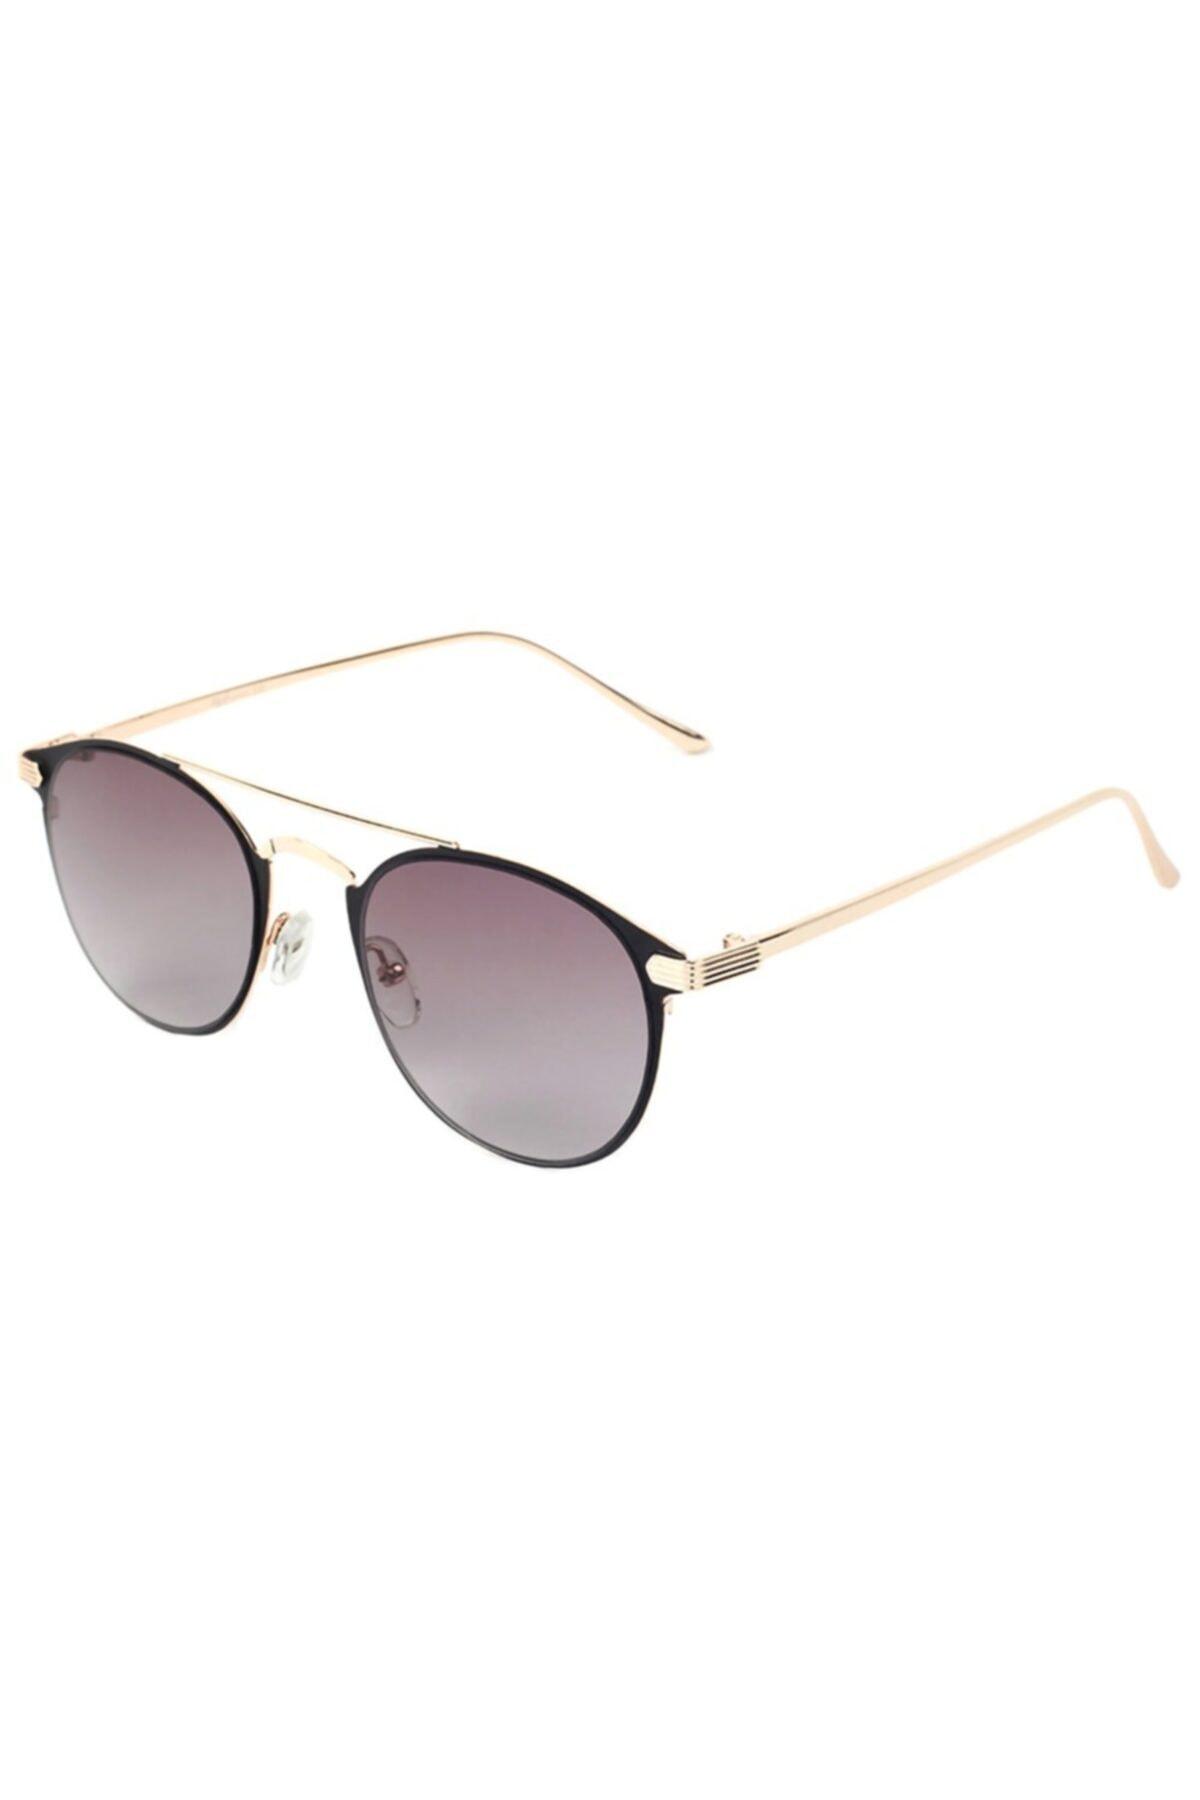 خرید نقدی عینک آفتابی مردانه ترک برند Flirt رنگ مشکی کد ty68136695